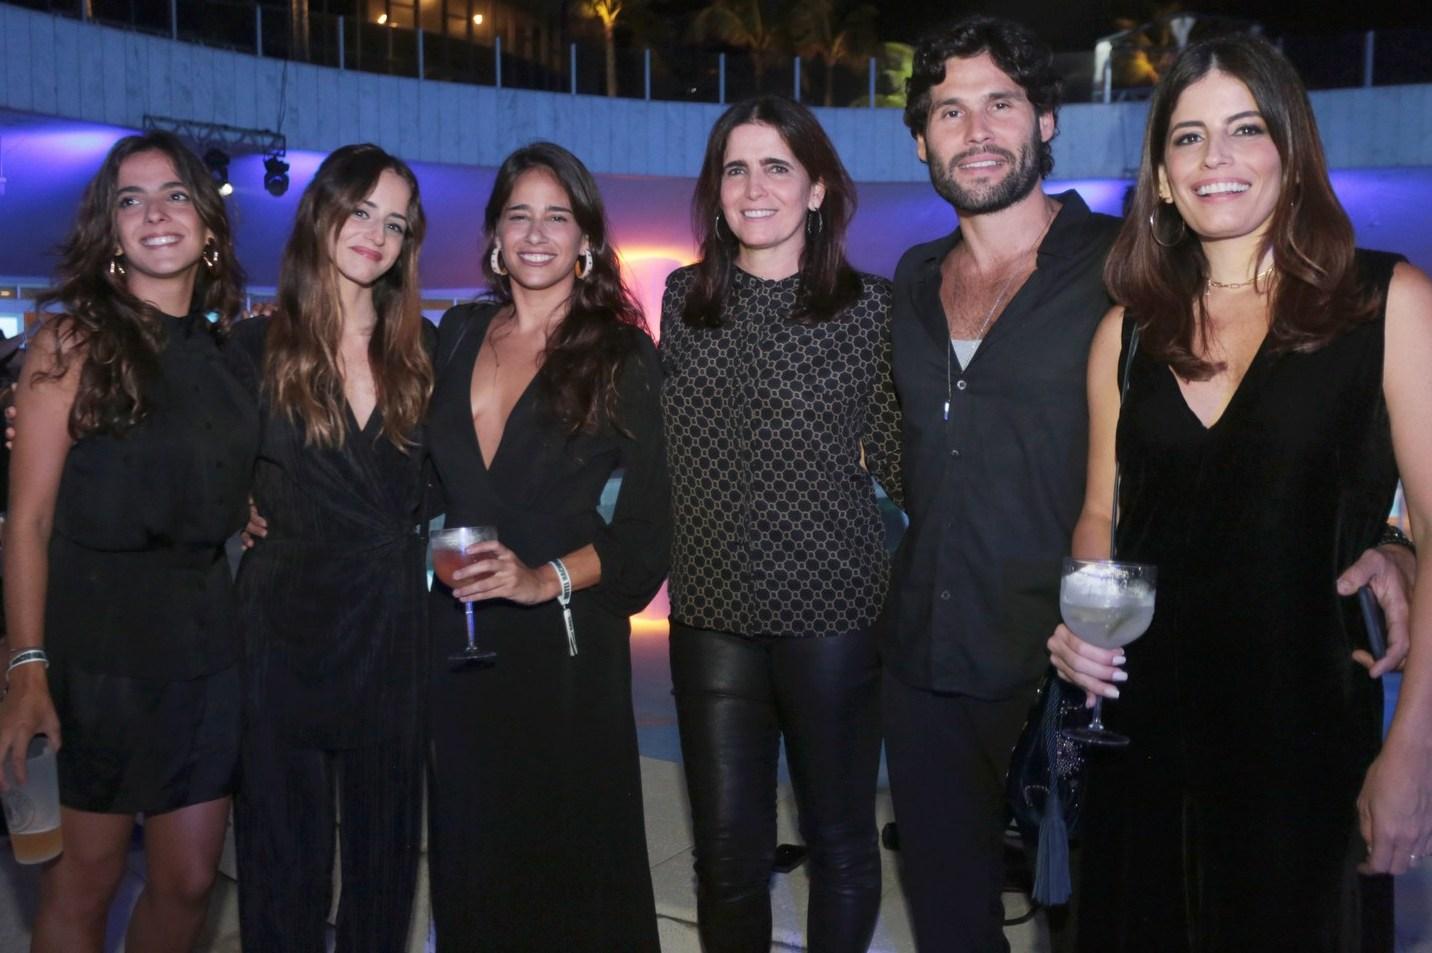 Maria Fernanda Aragão, Erika Mader,Patricia Mader, Malu Mader, Dudu Azevedo e Fernanda Mader /Foto: Vera Donato